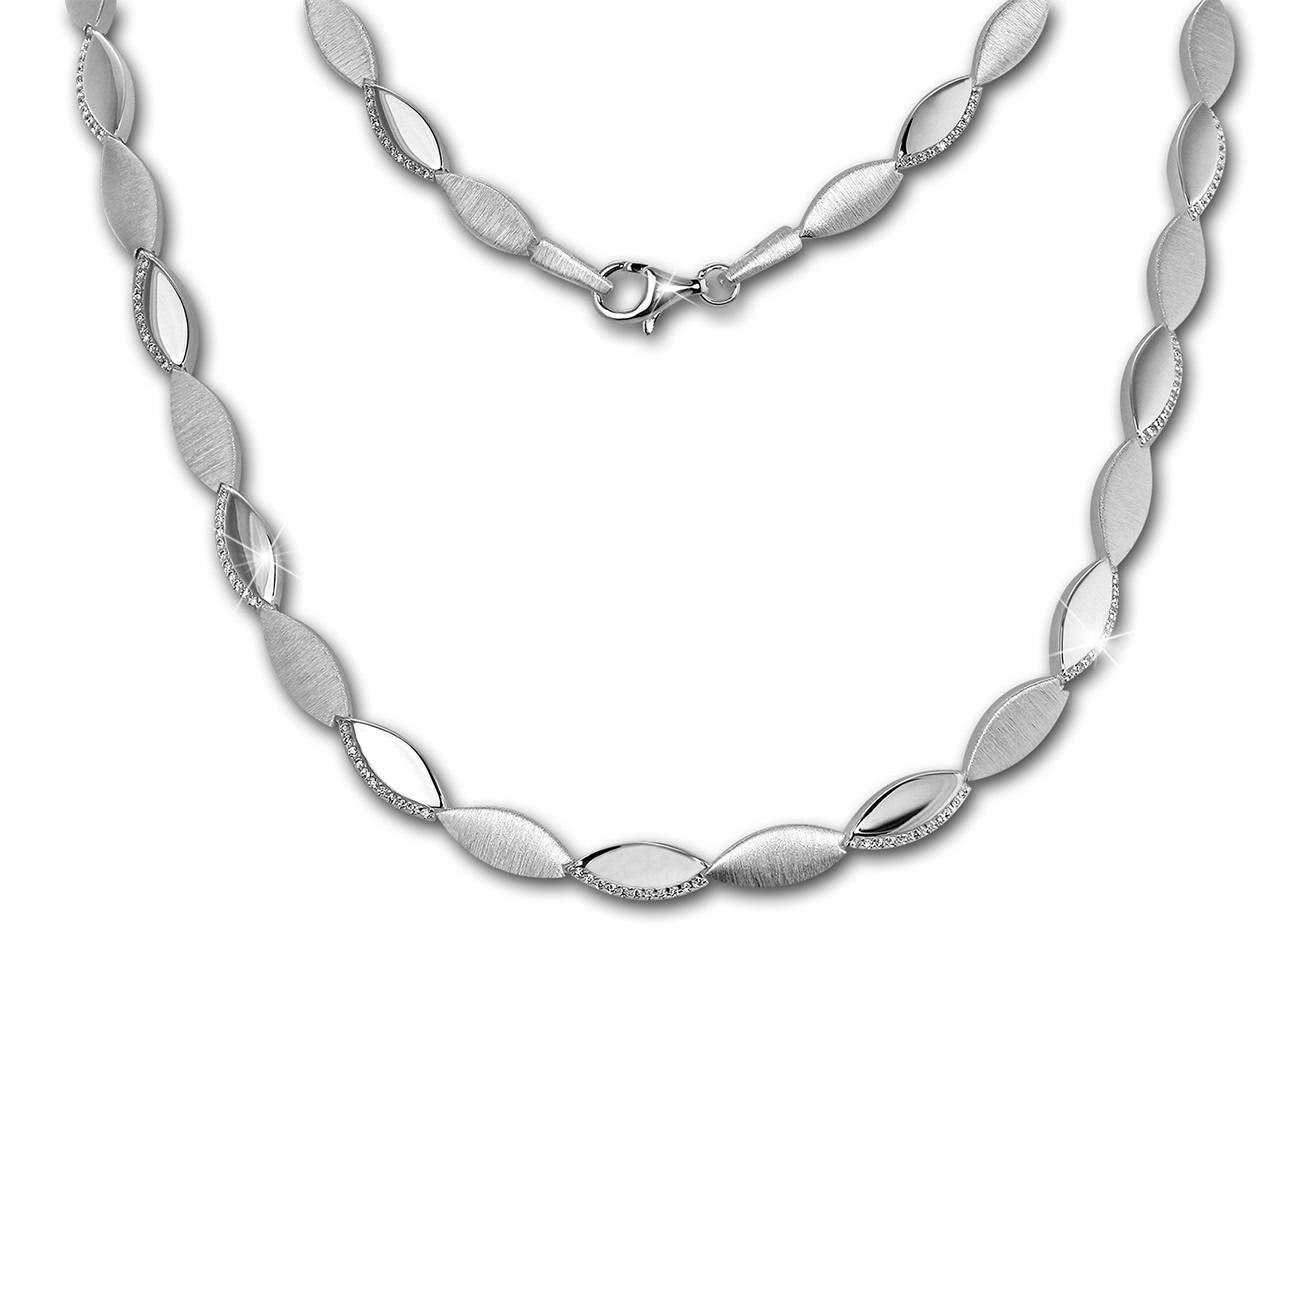 SilberDream Collier Elegance Zirkonia weiß 925er Silber 44,5cm Halskette SDK453W